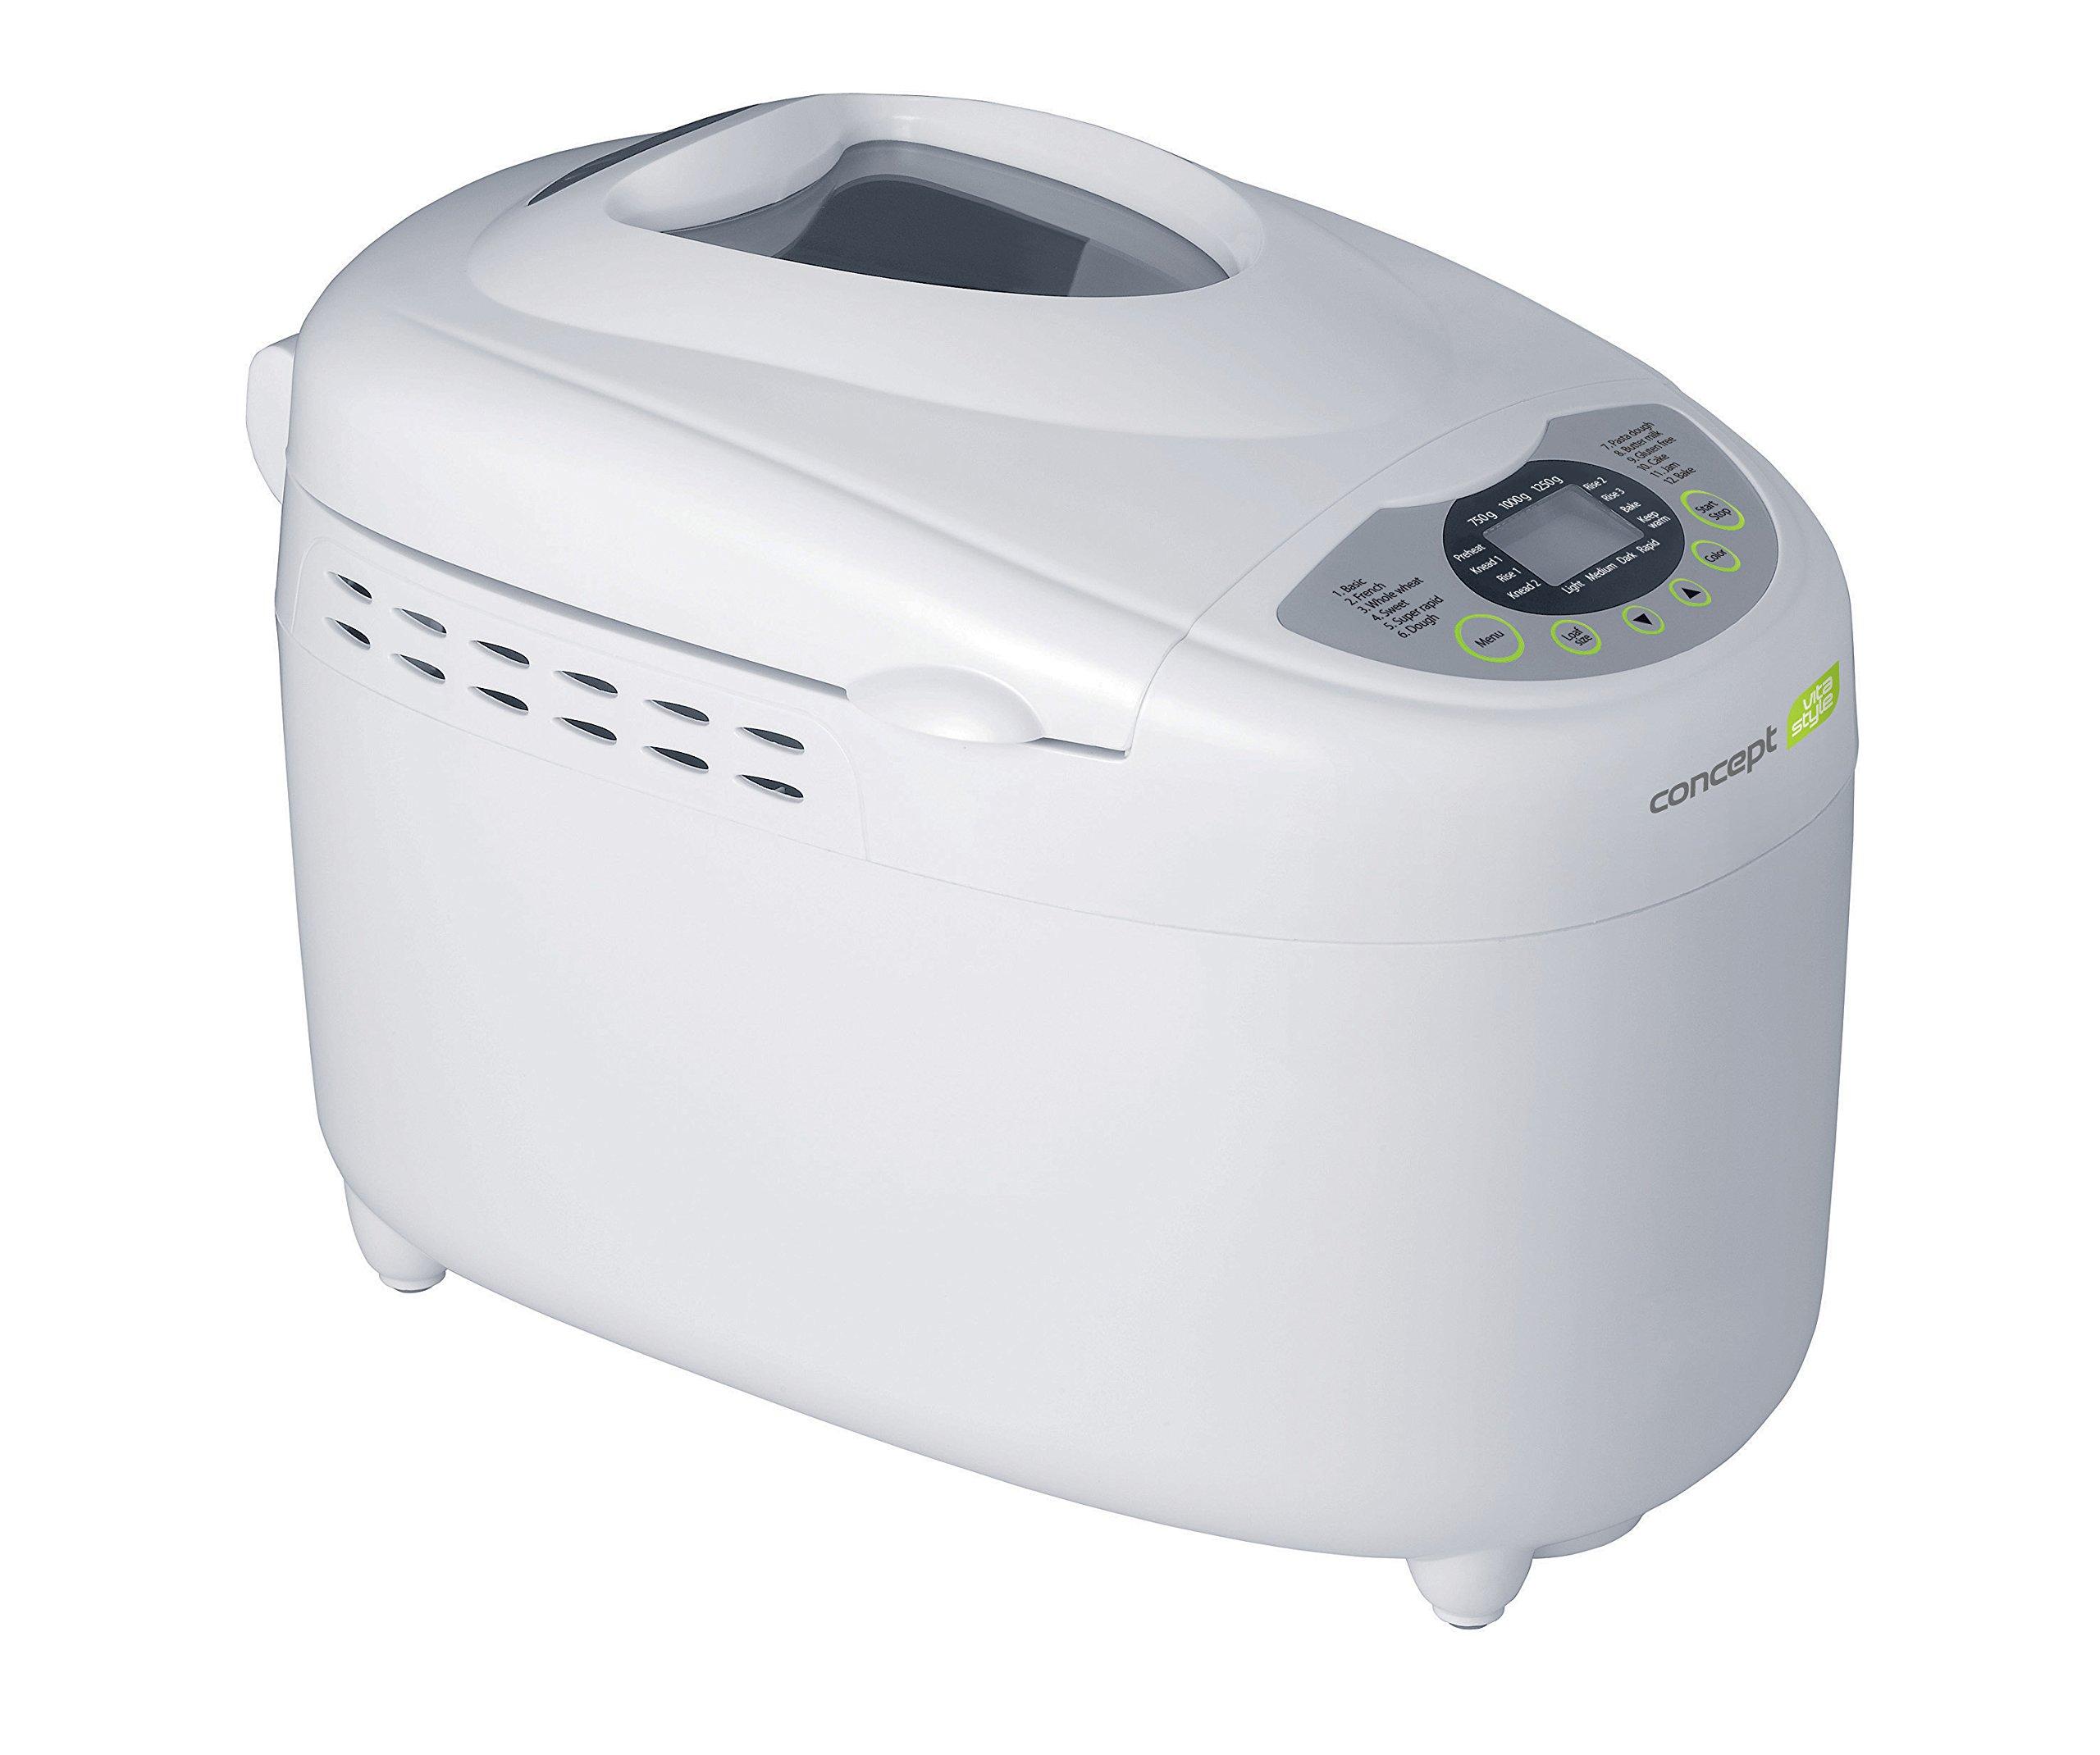 Concept Electrodomésticos PC-5040 Panificadora casera para el pan sin gluten 850 W, Plástico, Blanco product image